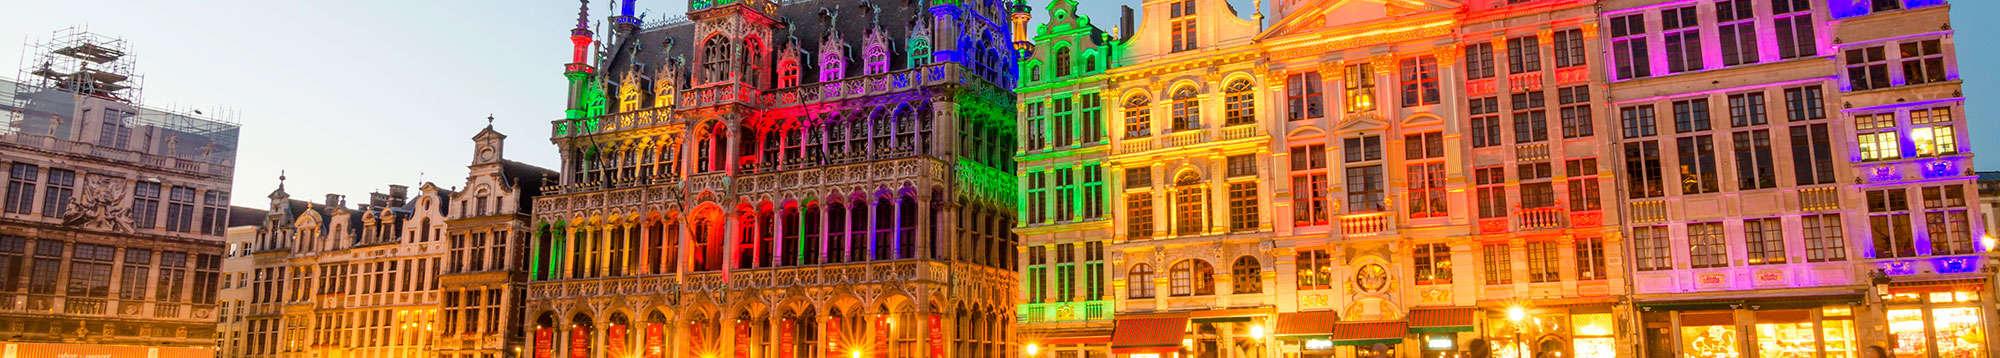 Week-end et séjour dans la  Région de Bruxelles